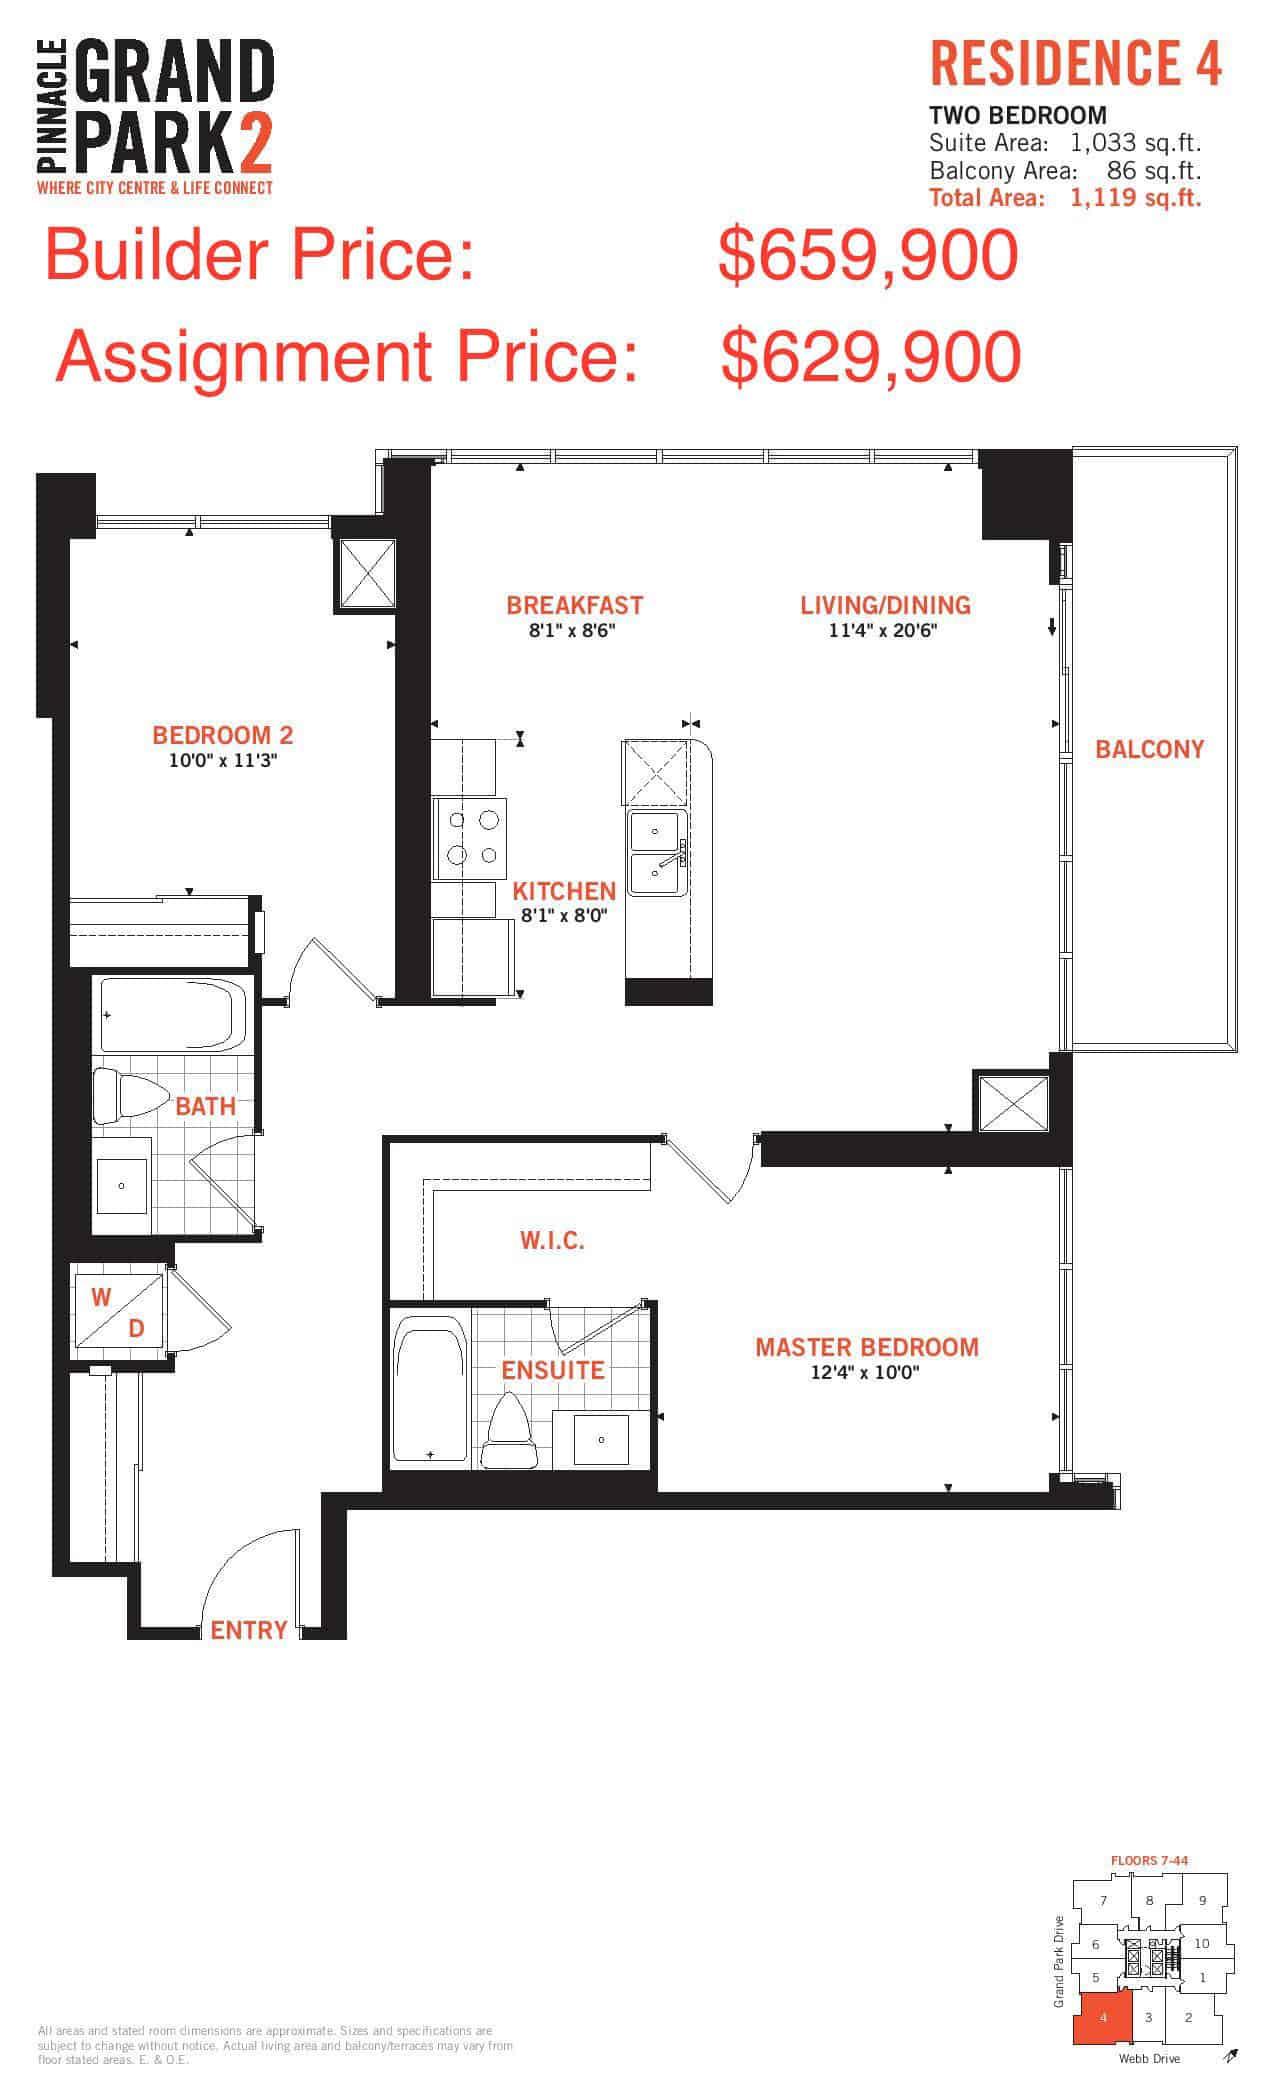 Residence 4 - Shawn Gandhi